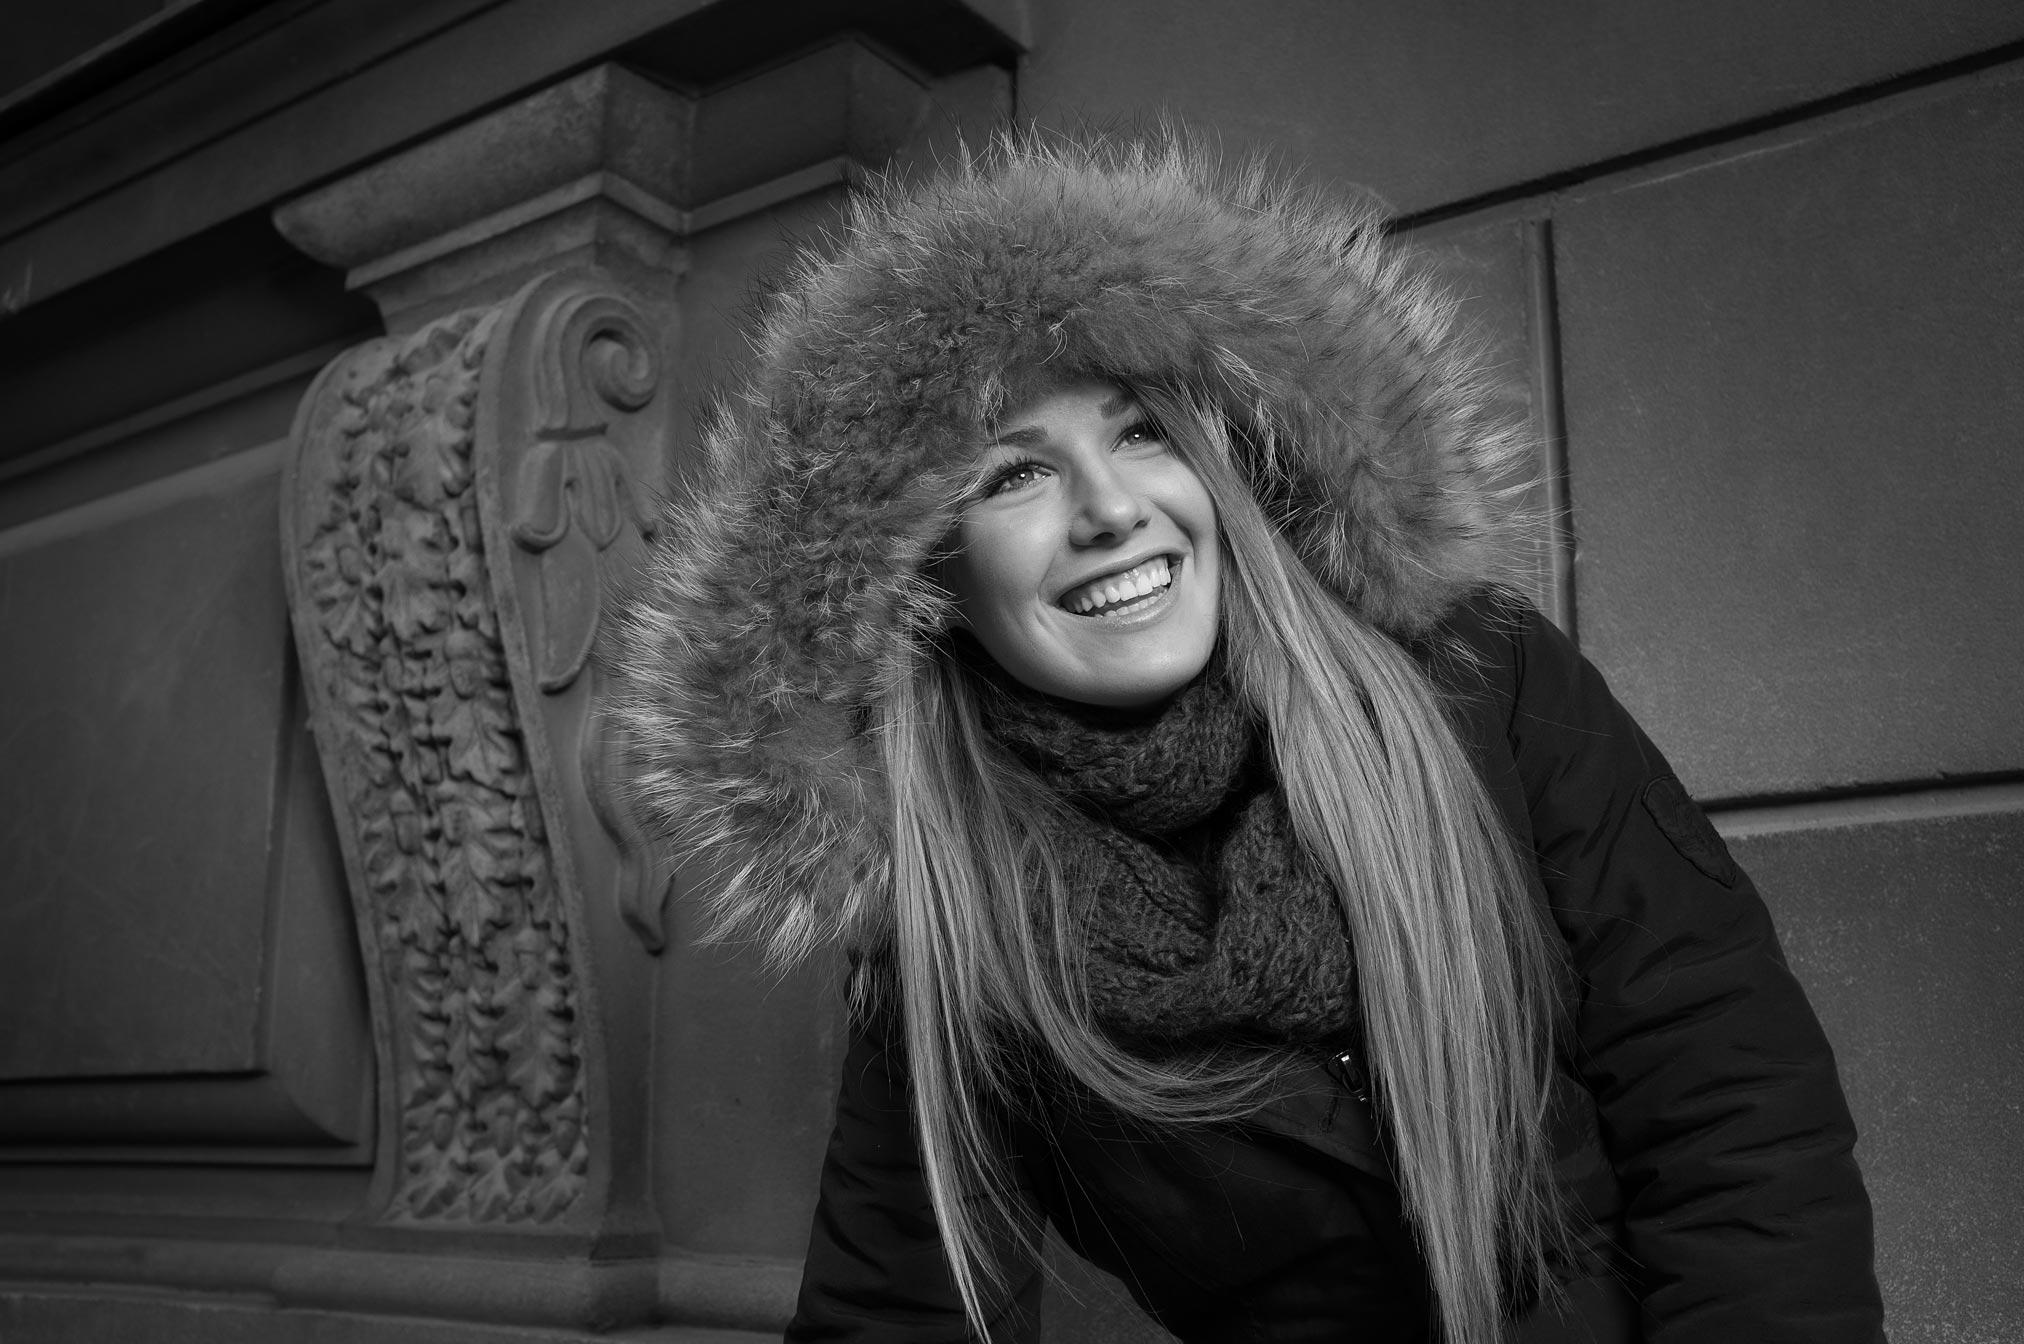 Julia in Munich by Damien Lovegrove